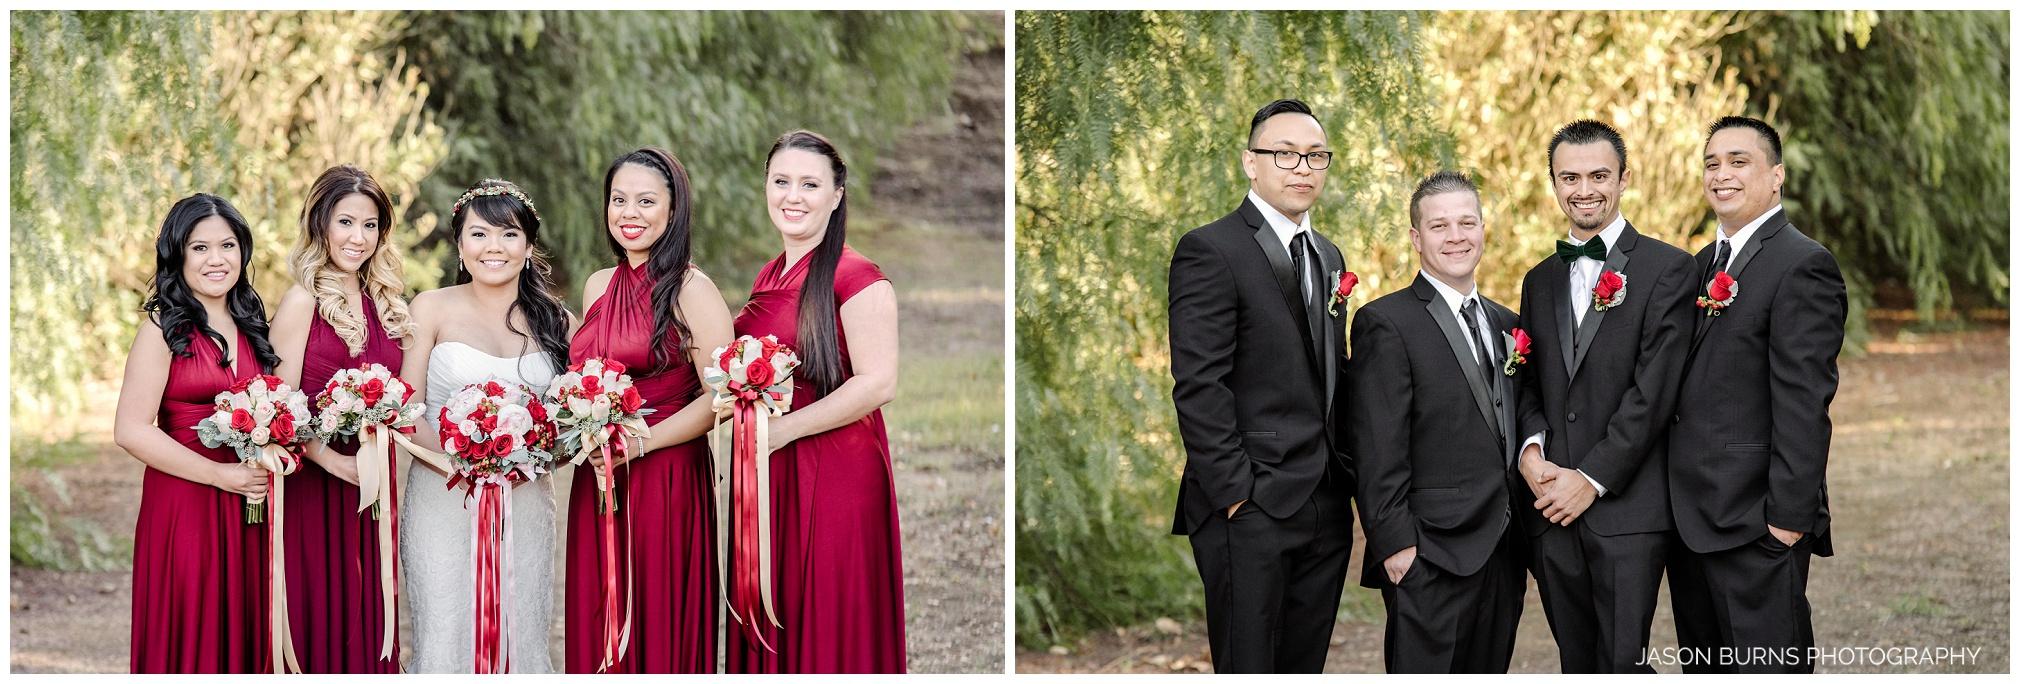 Western Hills Country Club Wedding (5)